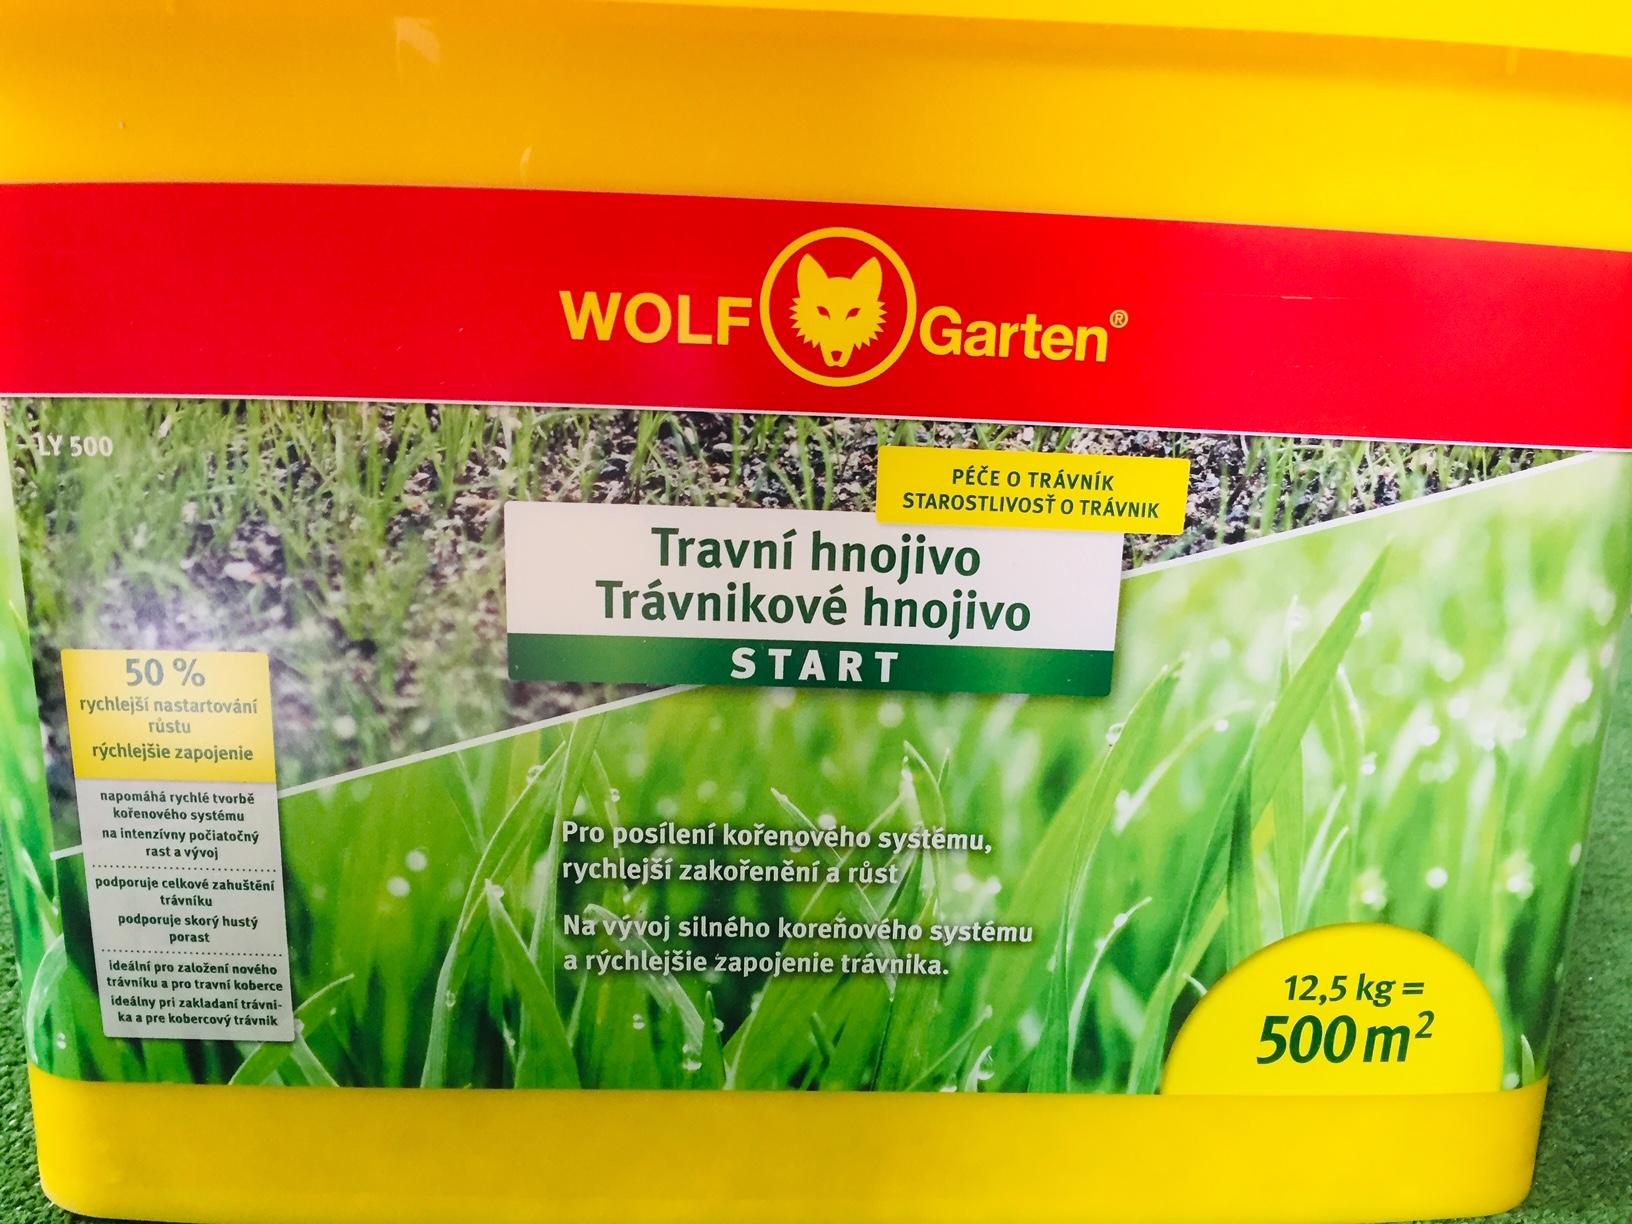 WOLF-Garten LY 500 - startovací hnojivo na trávník